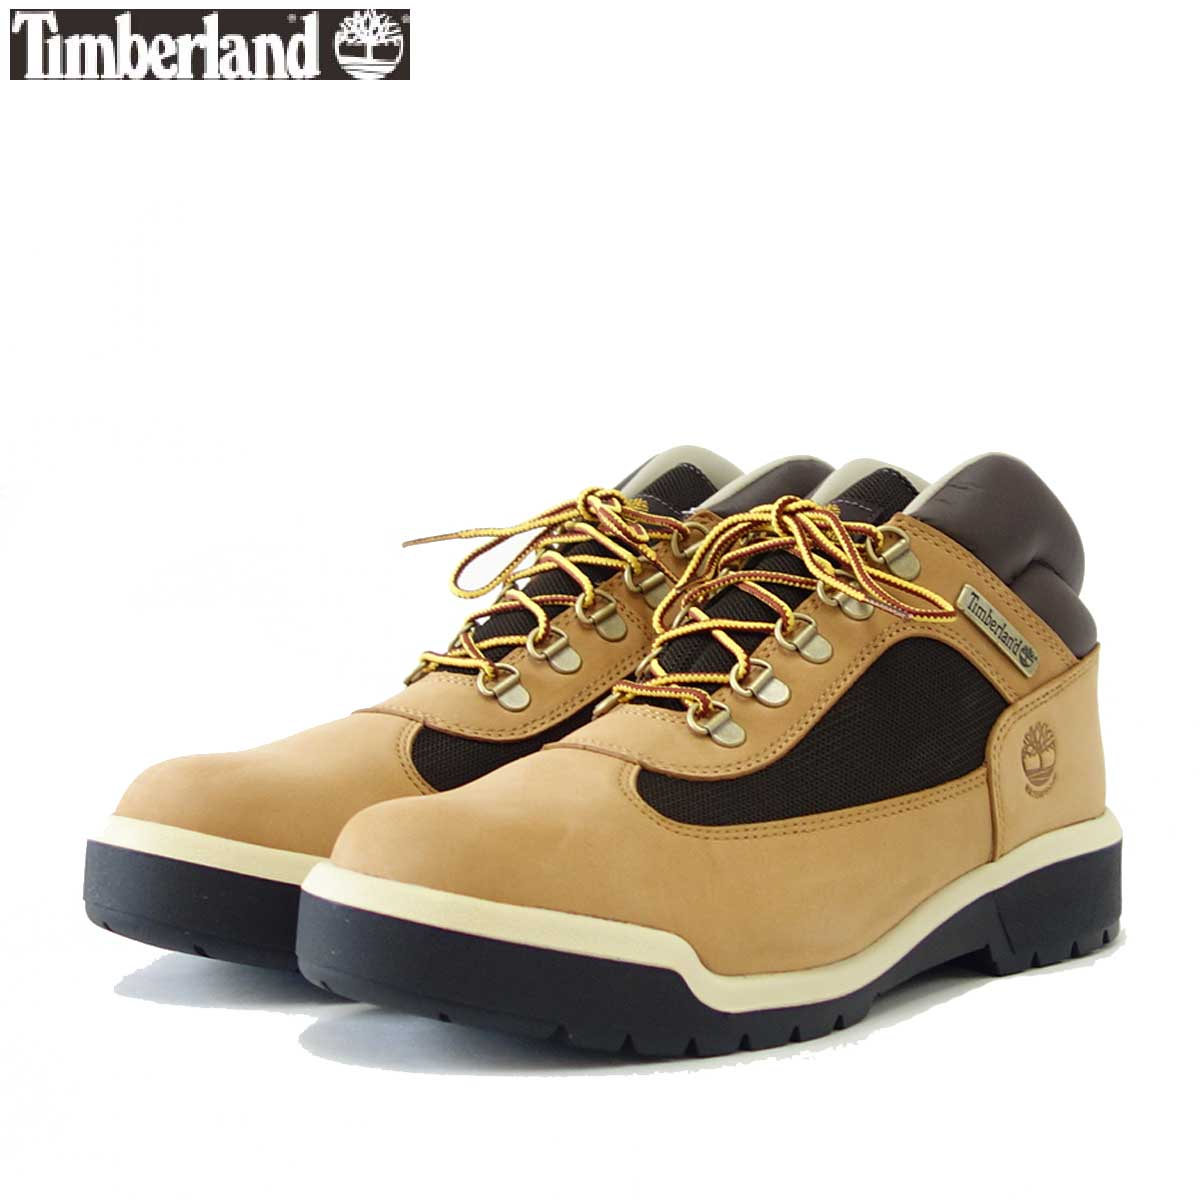 Timberland ティンバーランド a1xp5 フィールドブーツ (ミディアムベージュ/ヌバック) ウォータープルーフ レザー アンド ファブリック ミッドブーツ「靴」